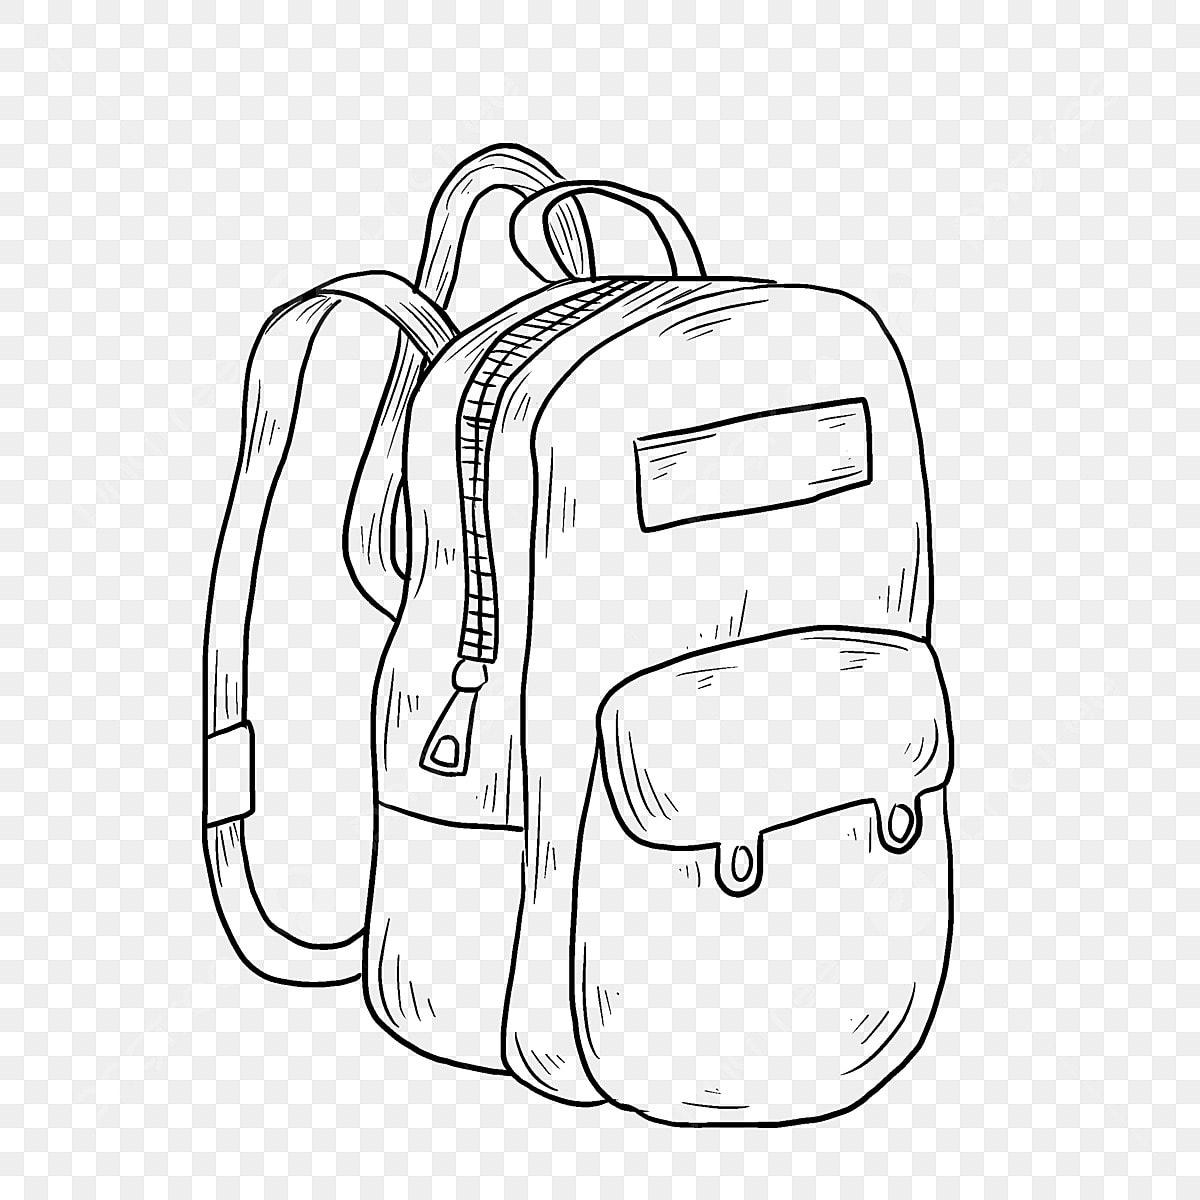 Gambar Lukisan Tangan Garisan Beg Sekolah Ilustrasi Beg Pelajar Ilustrasi Kartun Yang Png Dan Psd Untuk Muat Turun Percuma